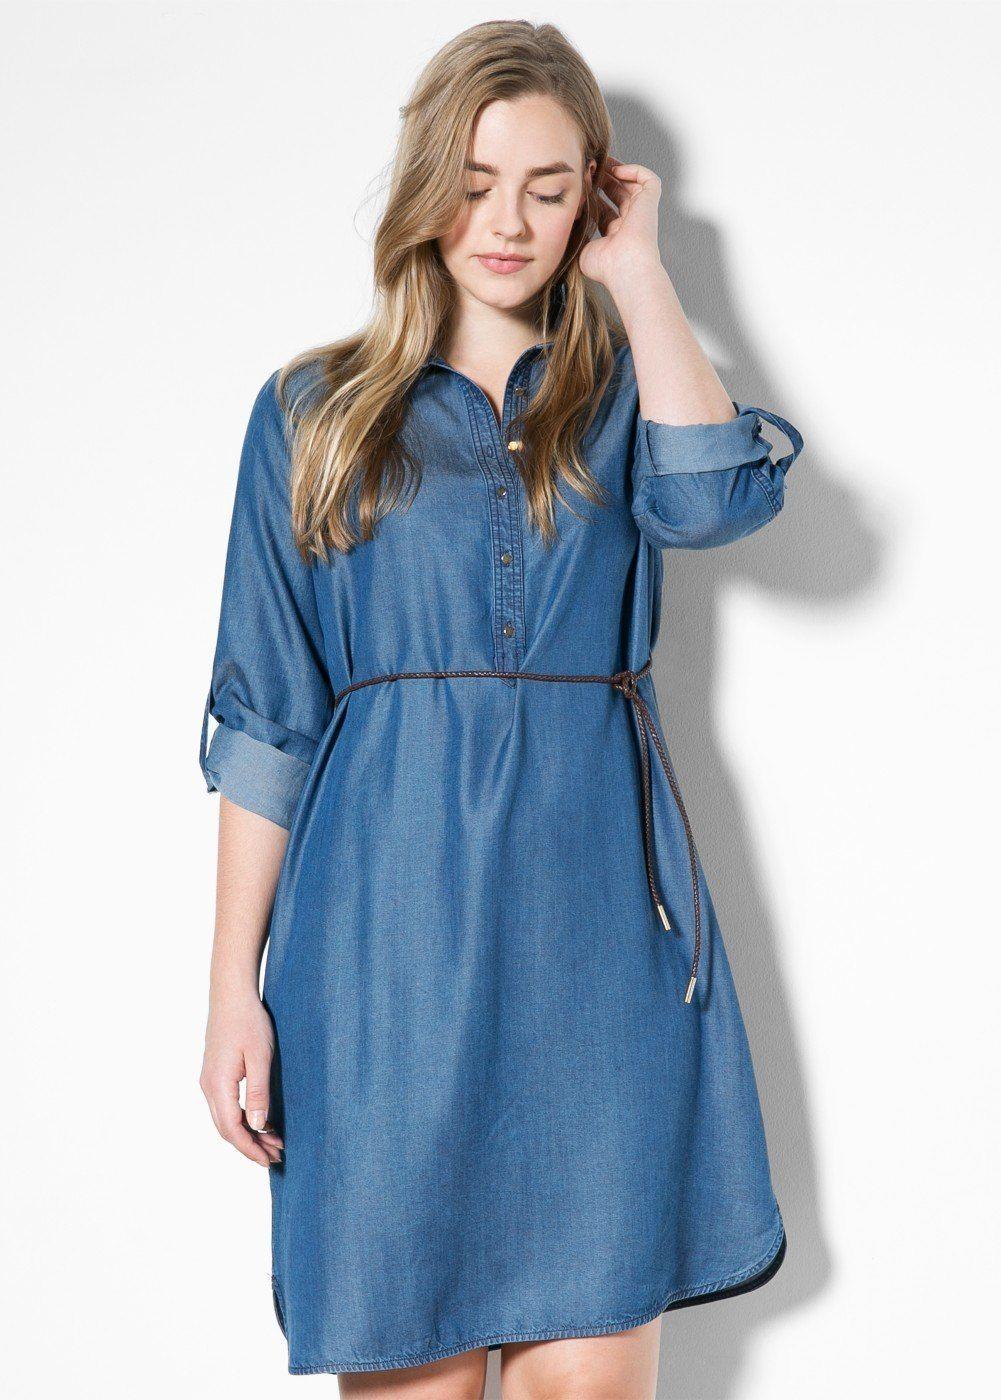 vestidos ideales para mujeres de talla grande #moda #fashion ...